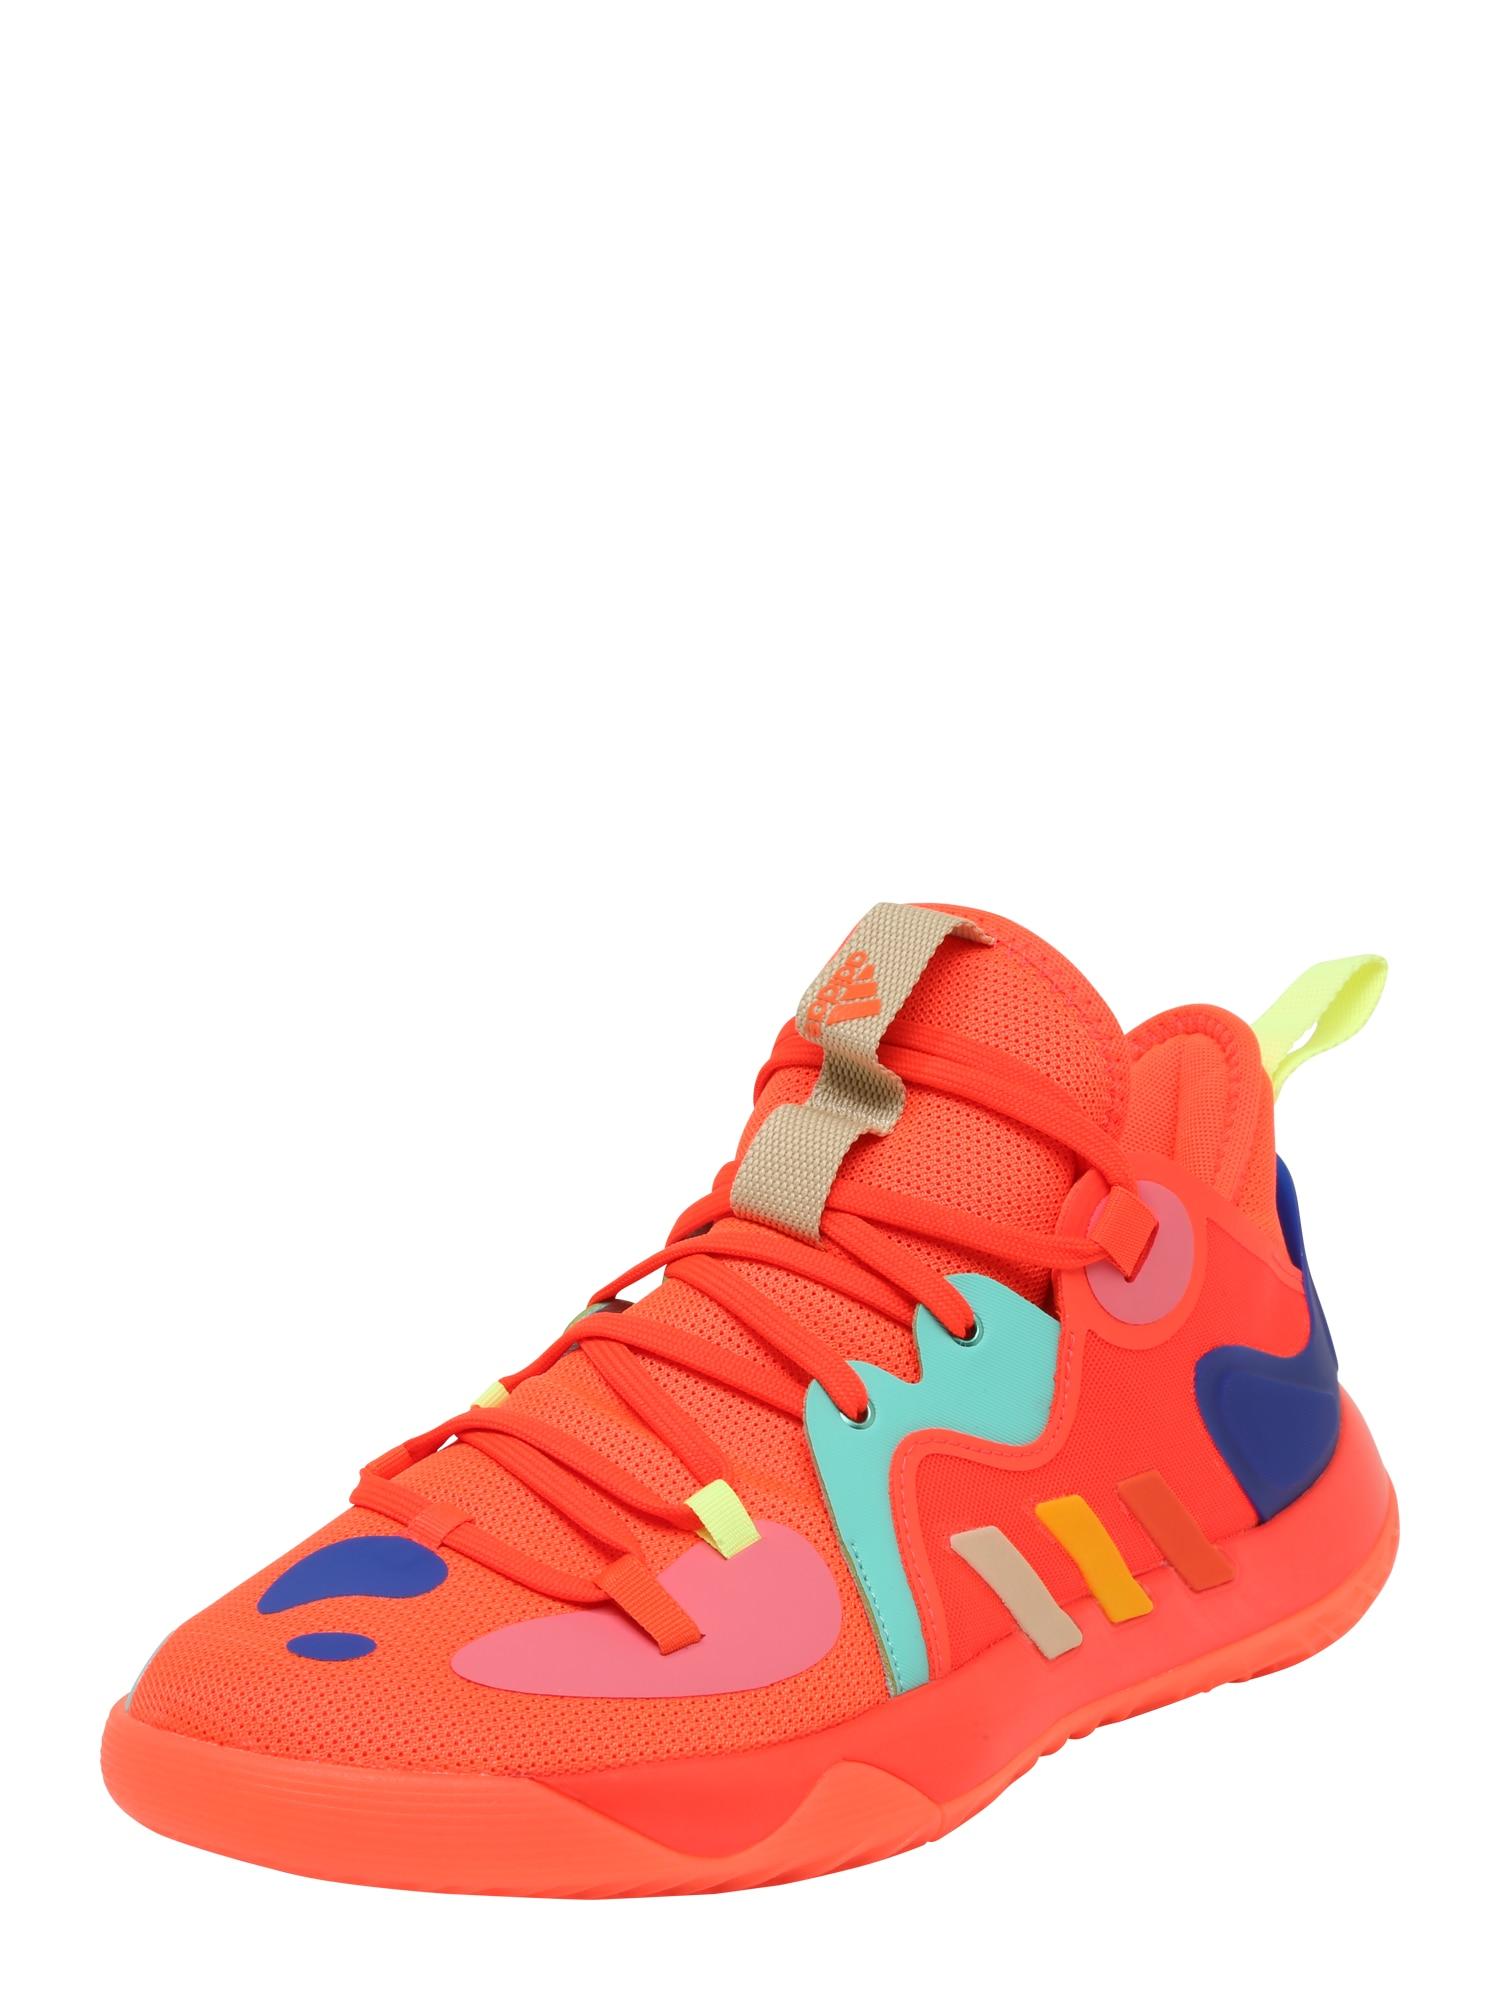 ADIDAS PERFORMANCE Sportiniai batai mėtų spalva / raudona / geltona